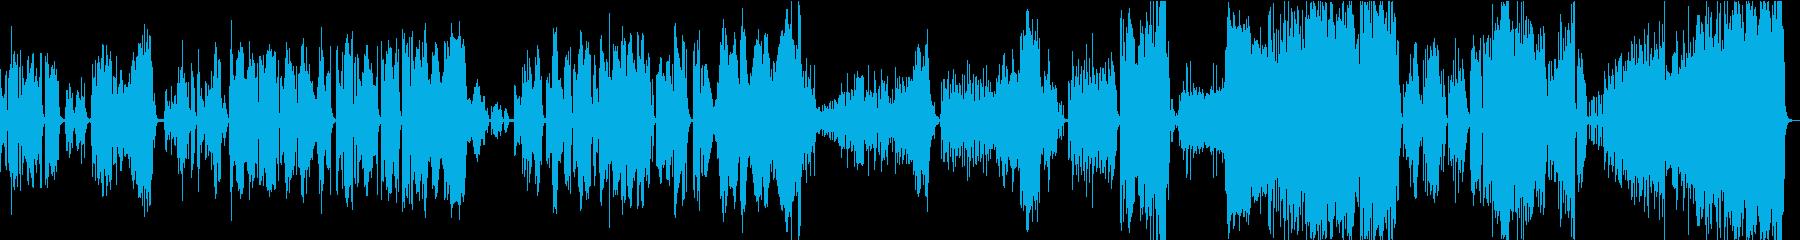 ヴァイオリンの超絶技巧!「ツィガーヌ」の再生済みの波形